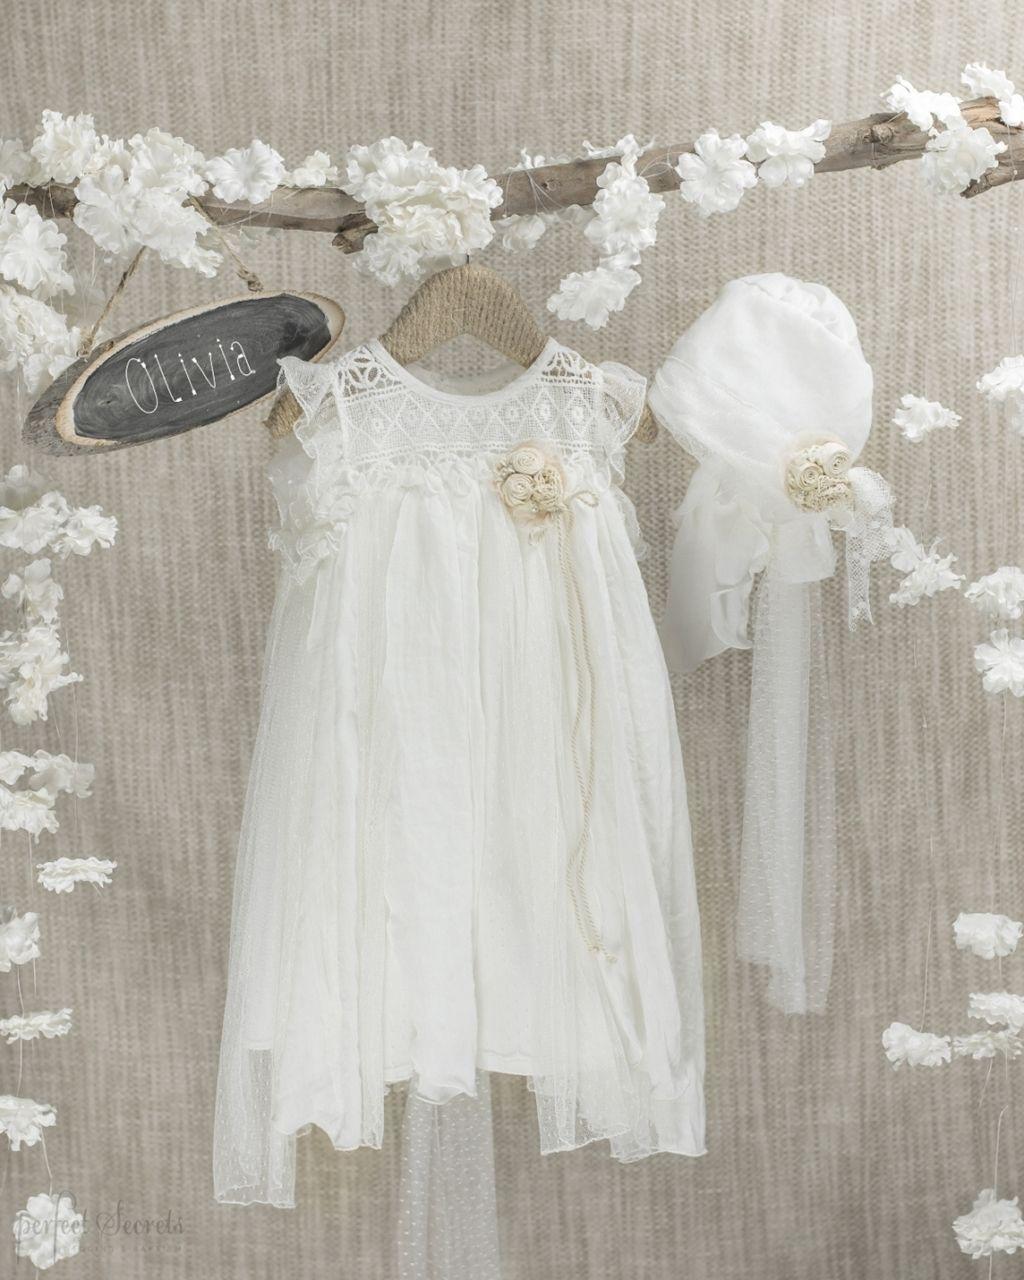 1757c5665968 bambolino βαπτιστικά ρούχα για κορίτσι, μπομπονιέρες γάμου, μπομπονιέρες  βάπτισης, Χειροποίητες μπομπονιέρες γάμου,